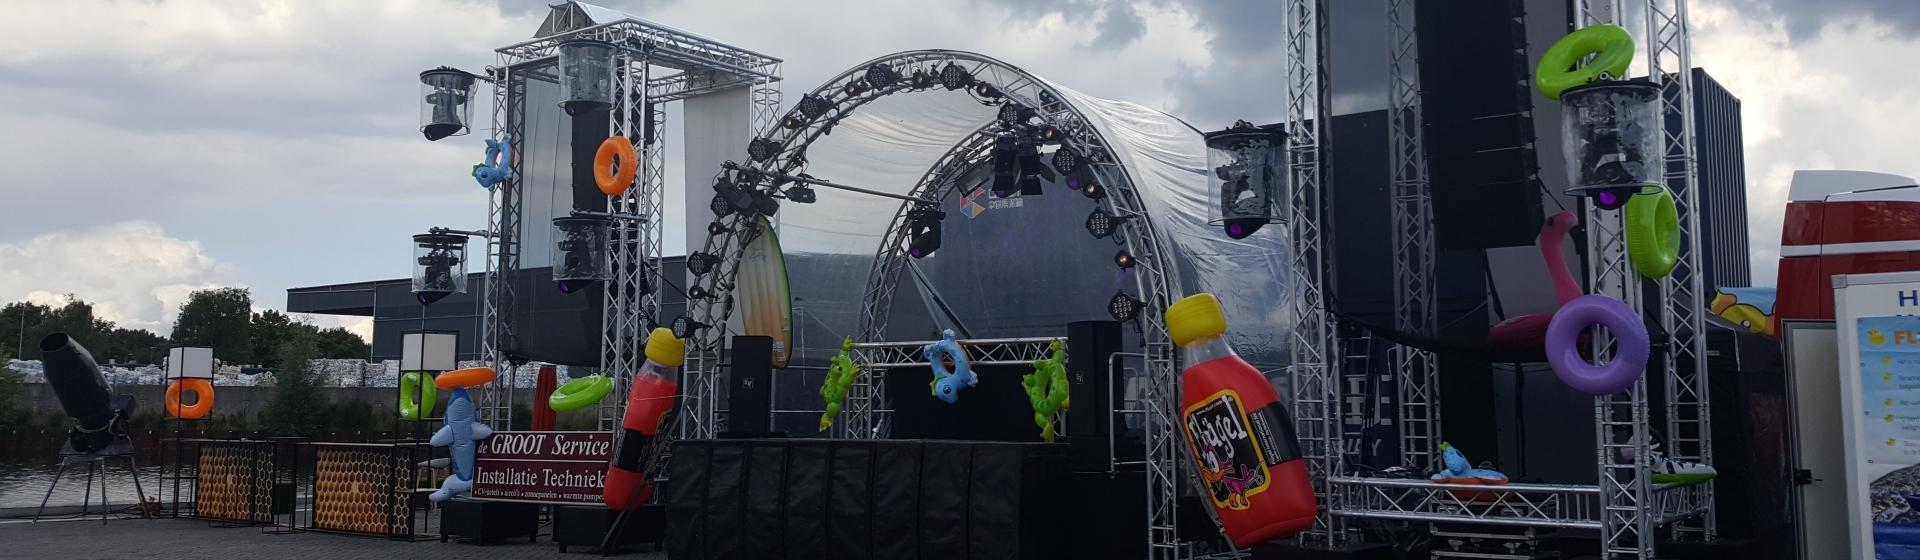 Float Fest Tilburg 2017